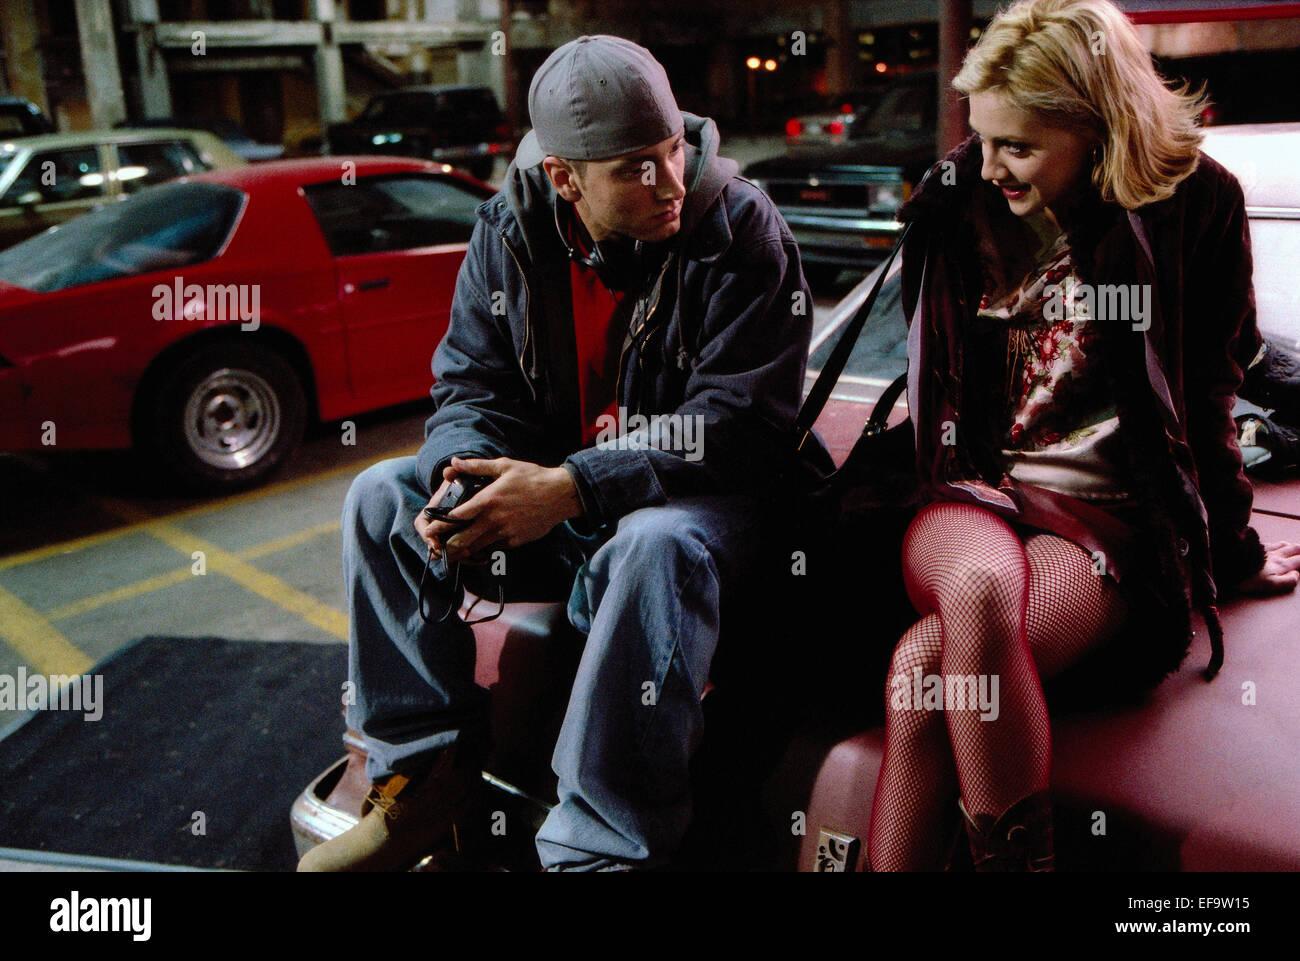 Eminem Brittany Murphy 8 Mile 2002 Stock Photo Alamy